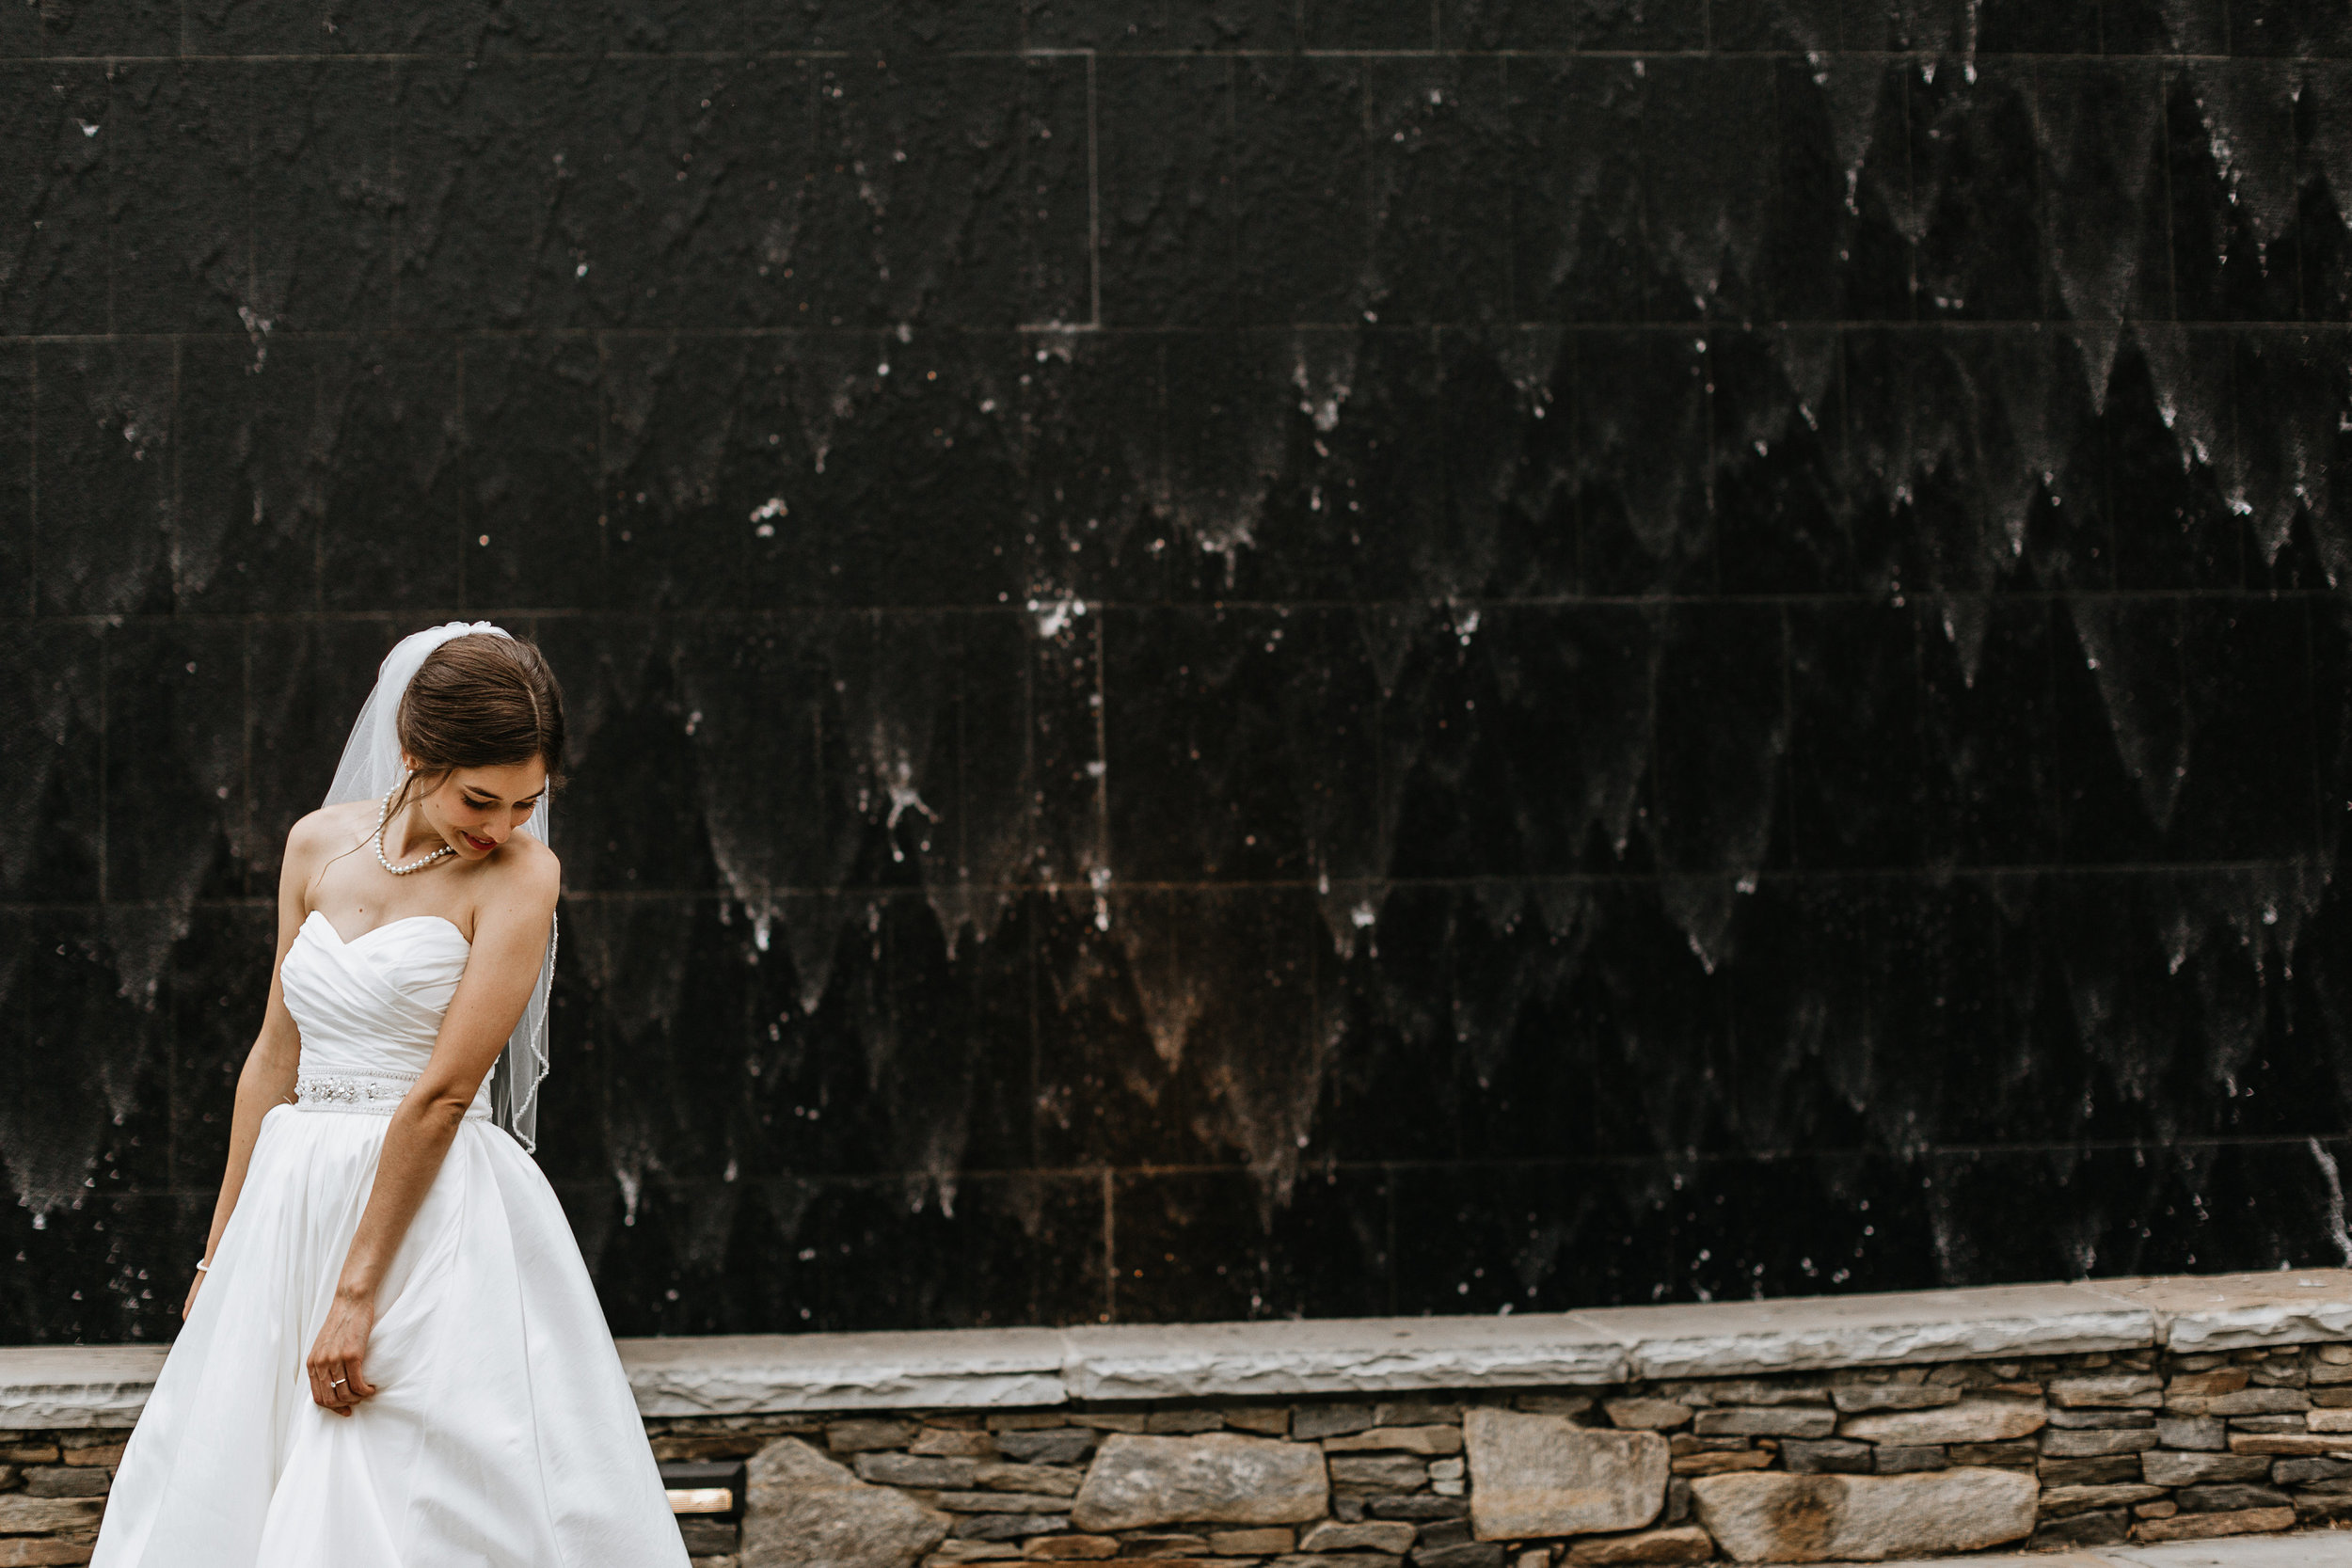 hanna bridals pt 1-hanna edited-0031.jpg